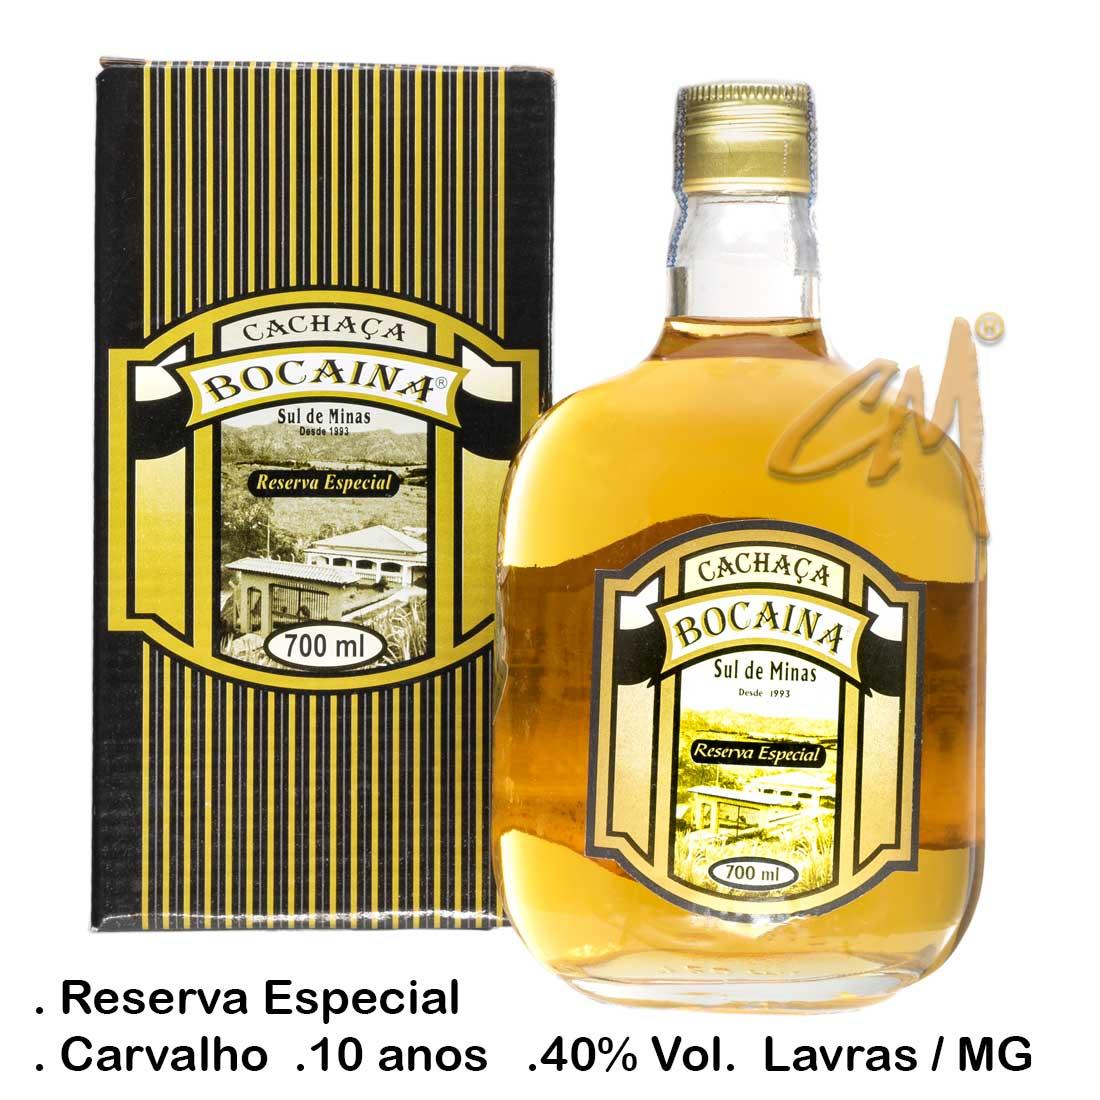 Cachaça Bocaina Carvalho 10 Anos 700 ml (Lavras - MG)